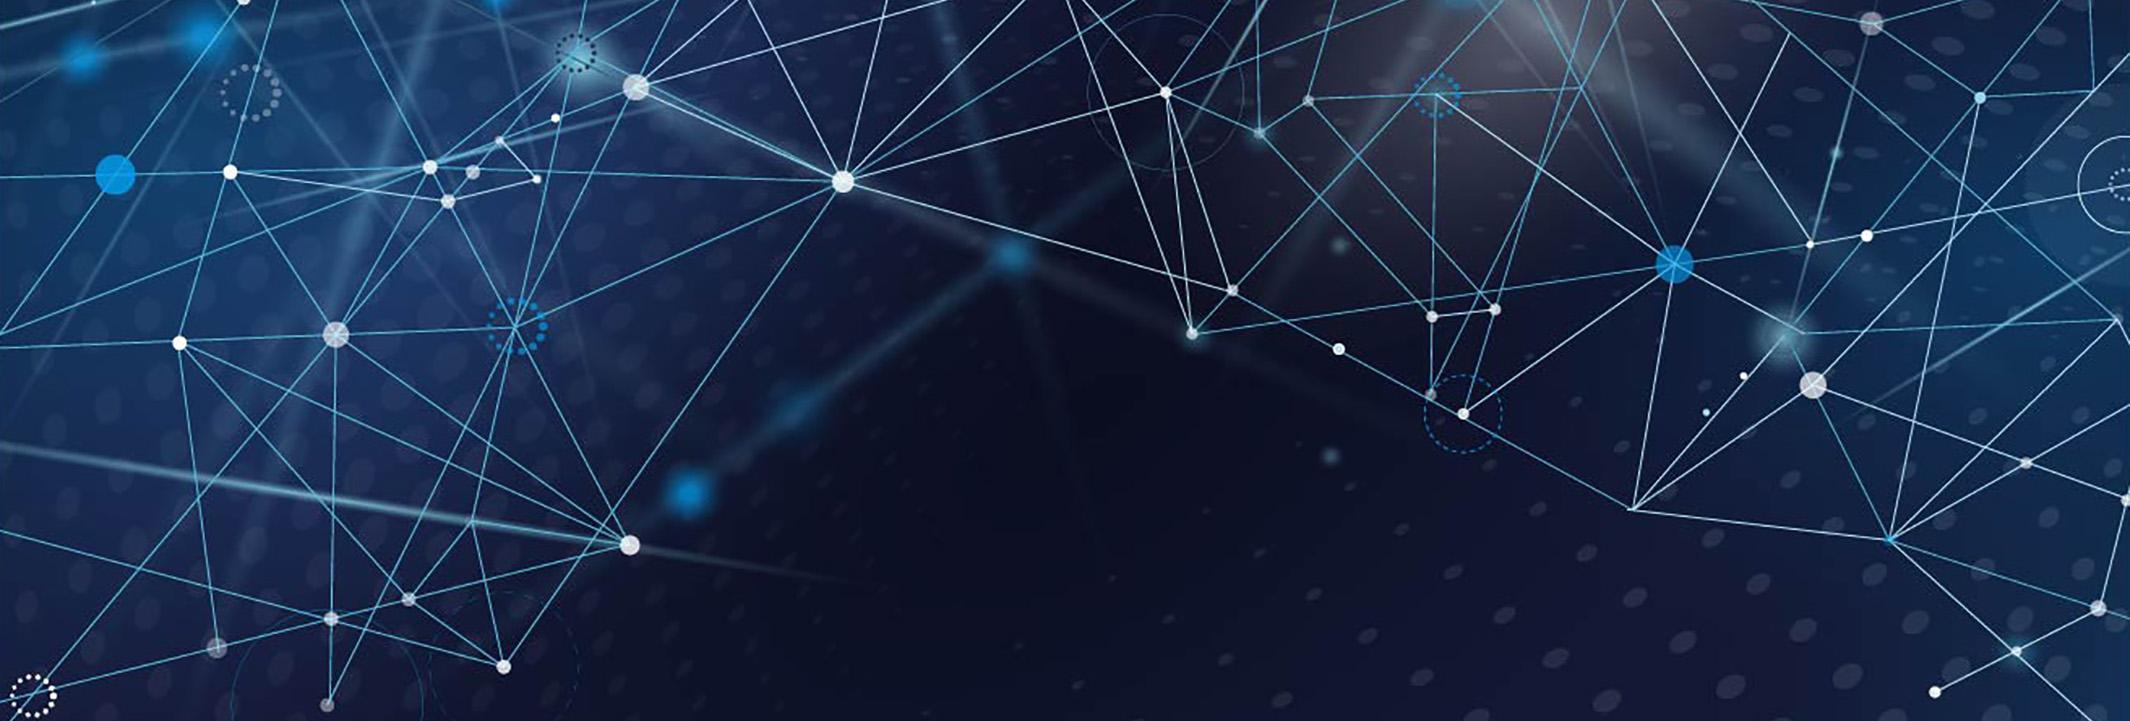 Delavnica: Prepoznavanje anomalij v omrežju in odziv nanje